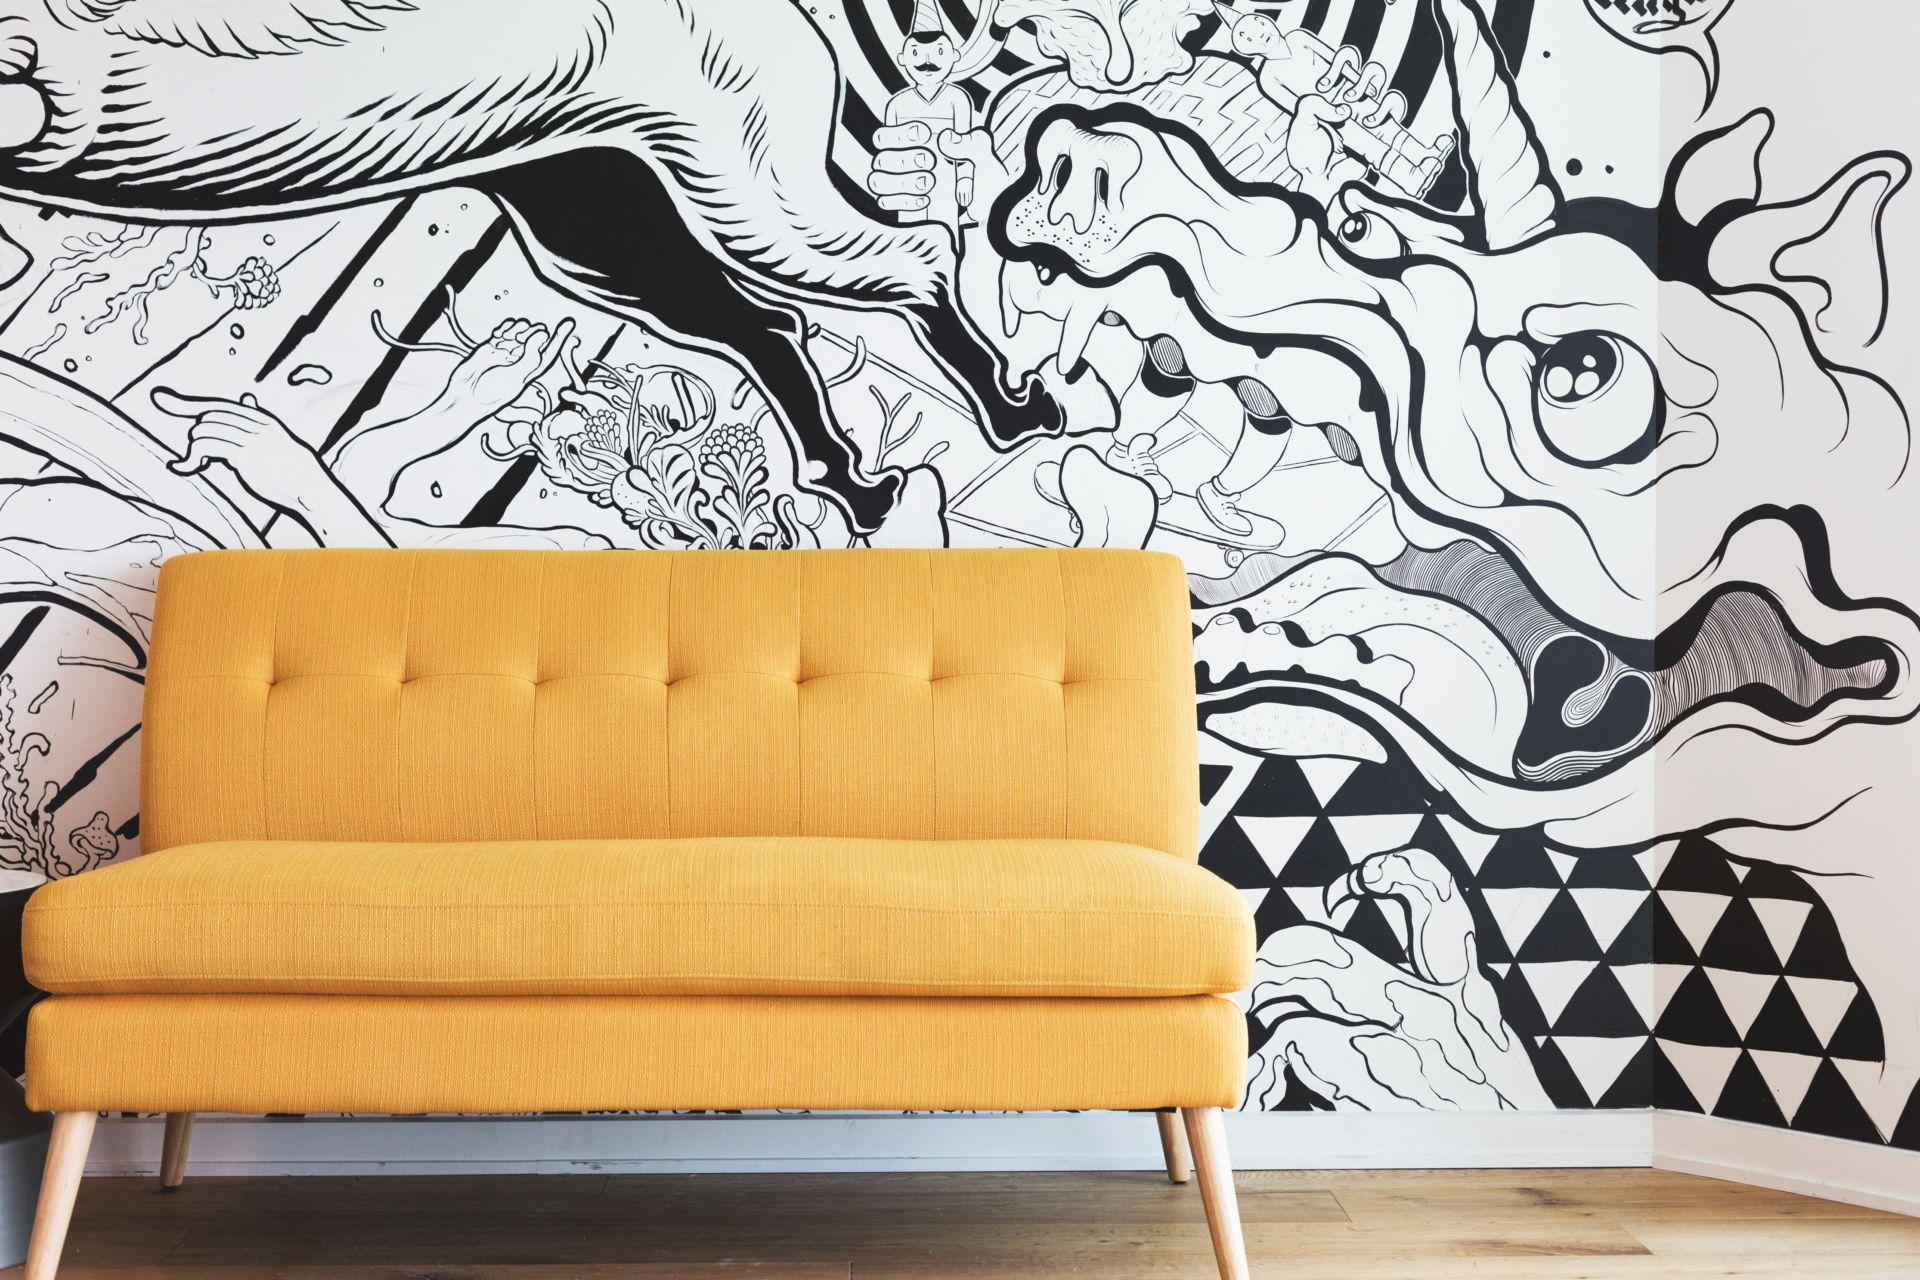 mur peint décoration interieure